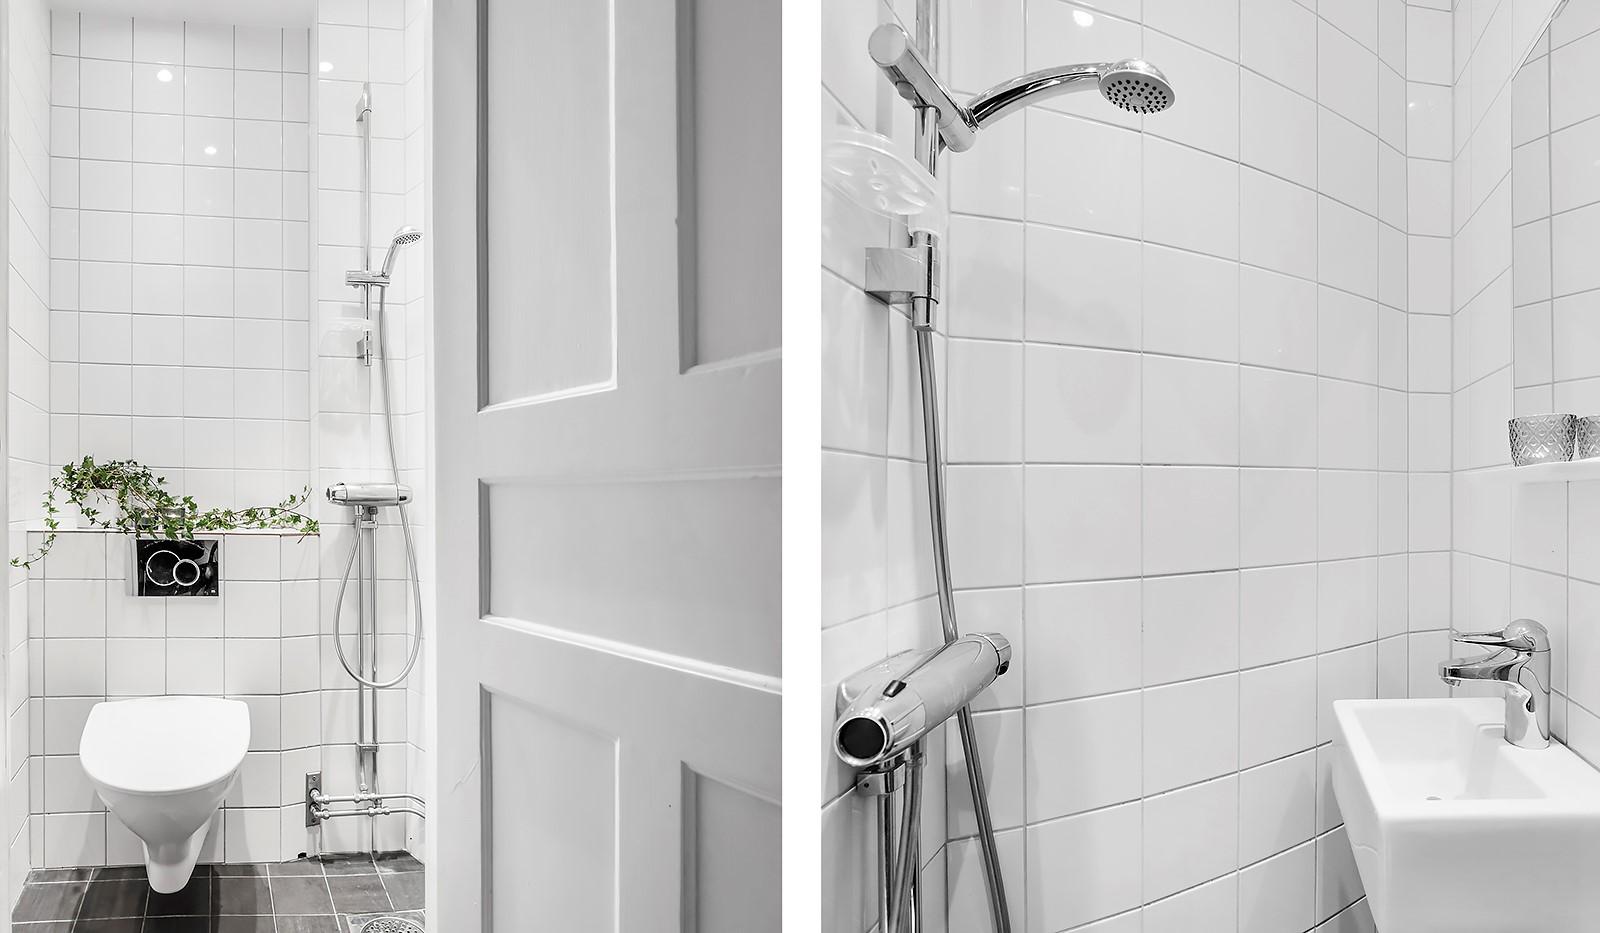 Högalidsgatan 36C, 3tr, ö.g. - Renoverat badrum från 2016